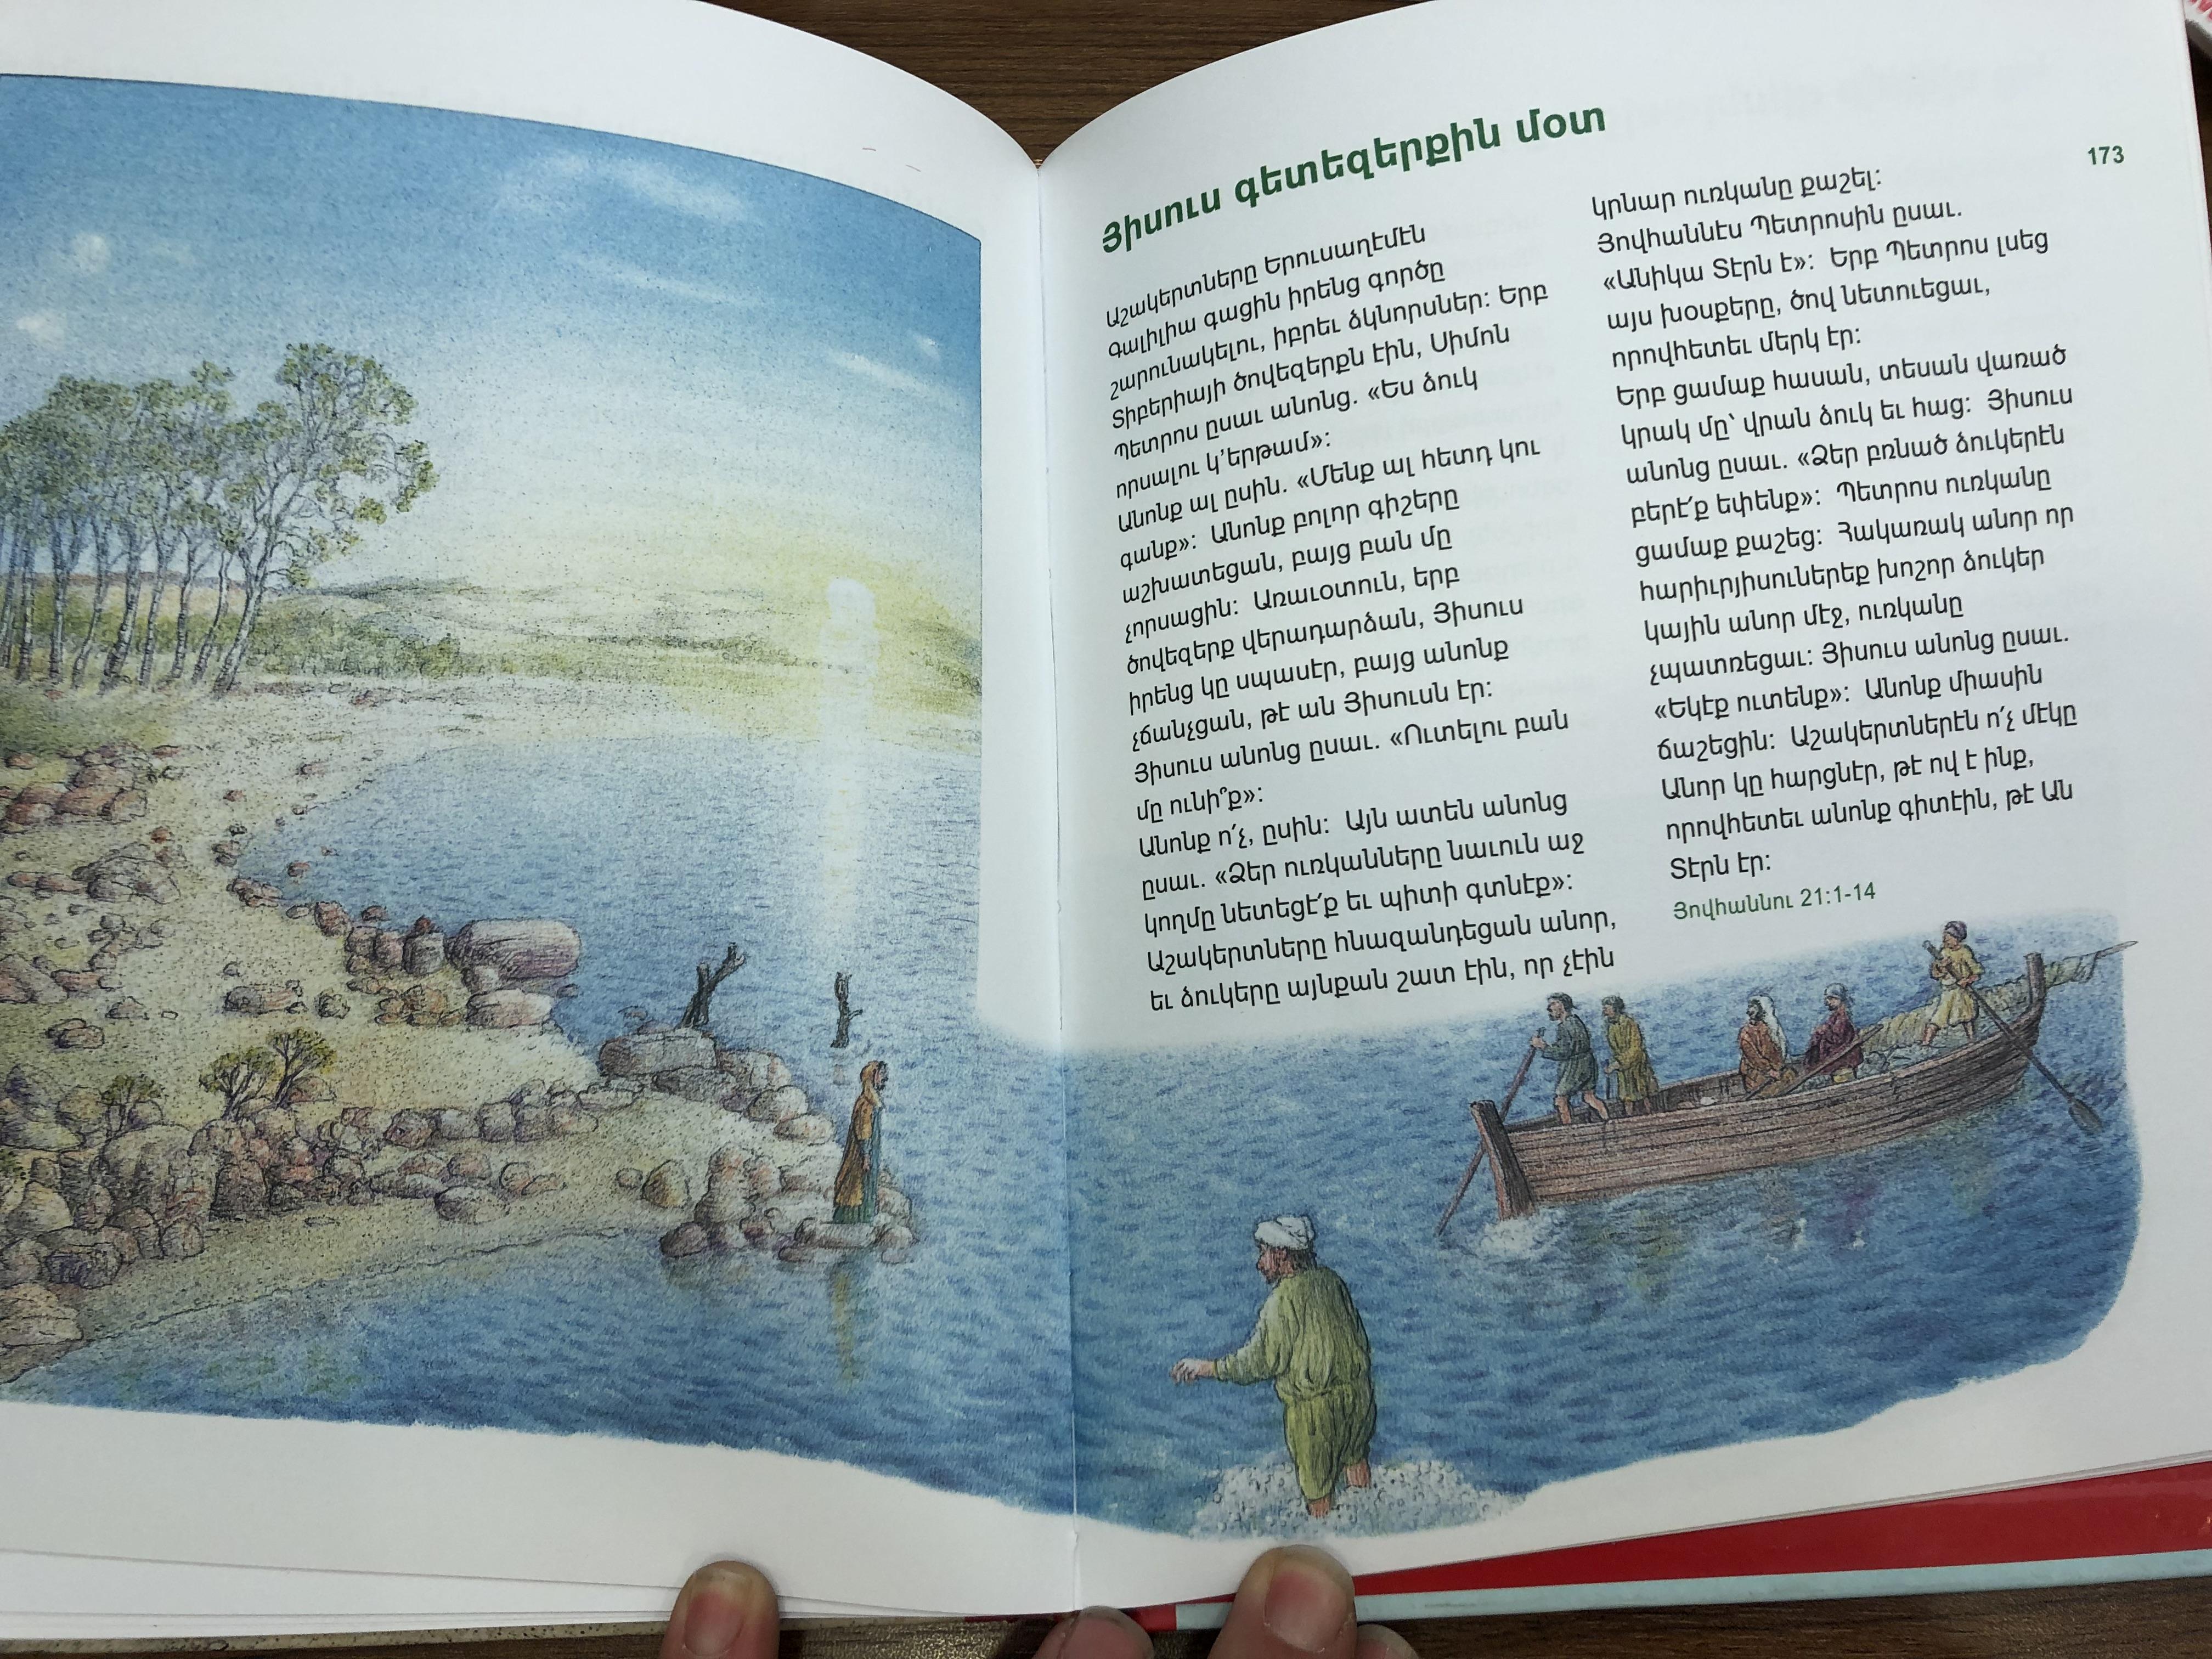 die-vorlese-bibel-the-read-aloud-bible-in-armenian-language-edda-horst-keil-hardcover-2017-10-.jpg